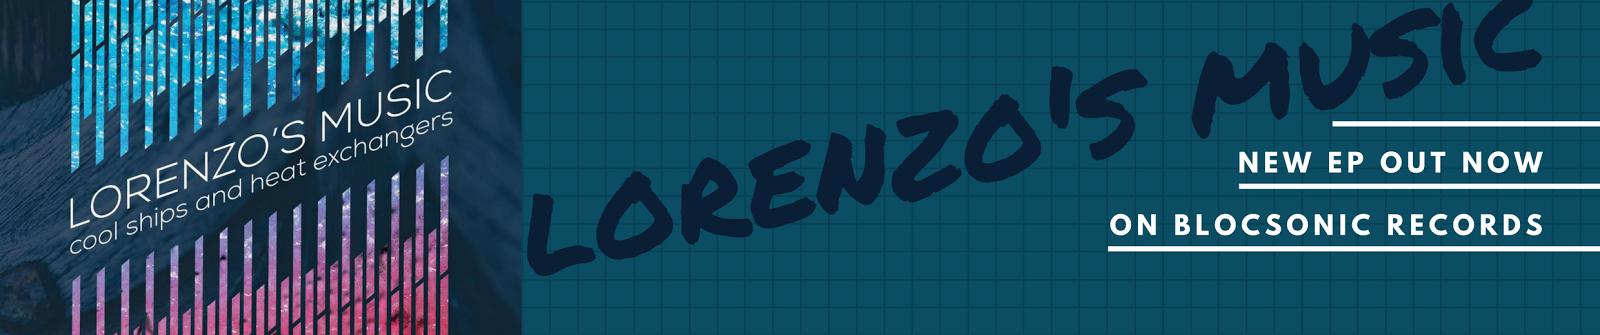 LORENZO'S MUSIC